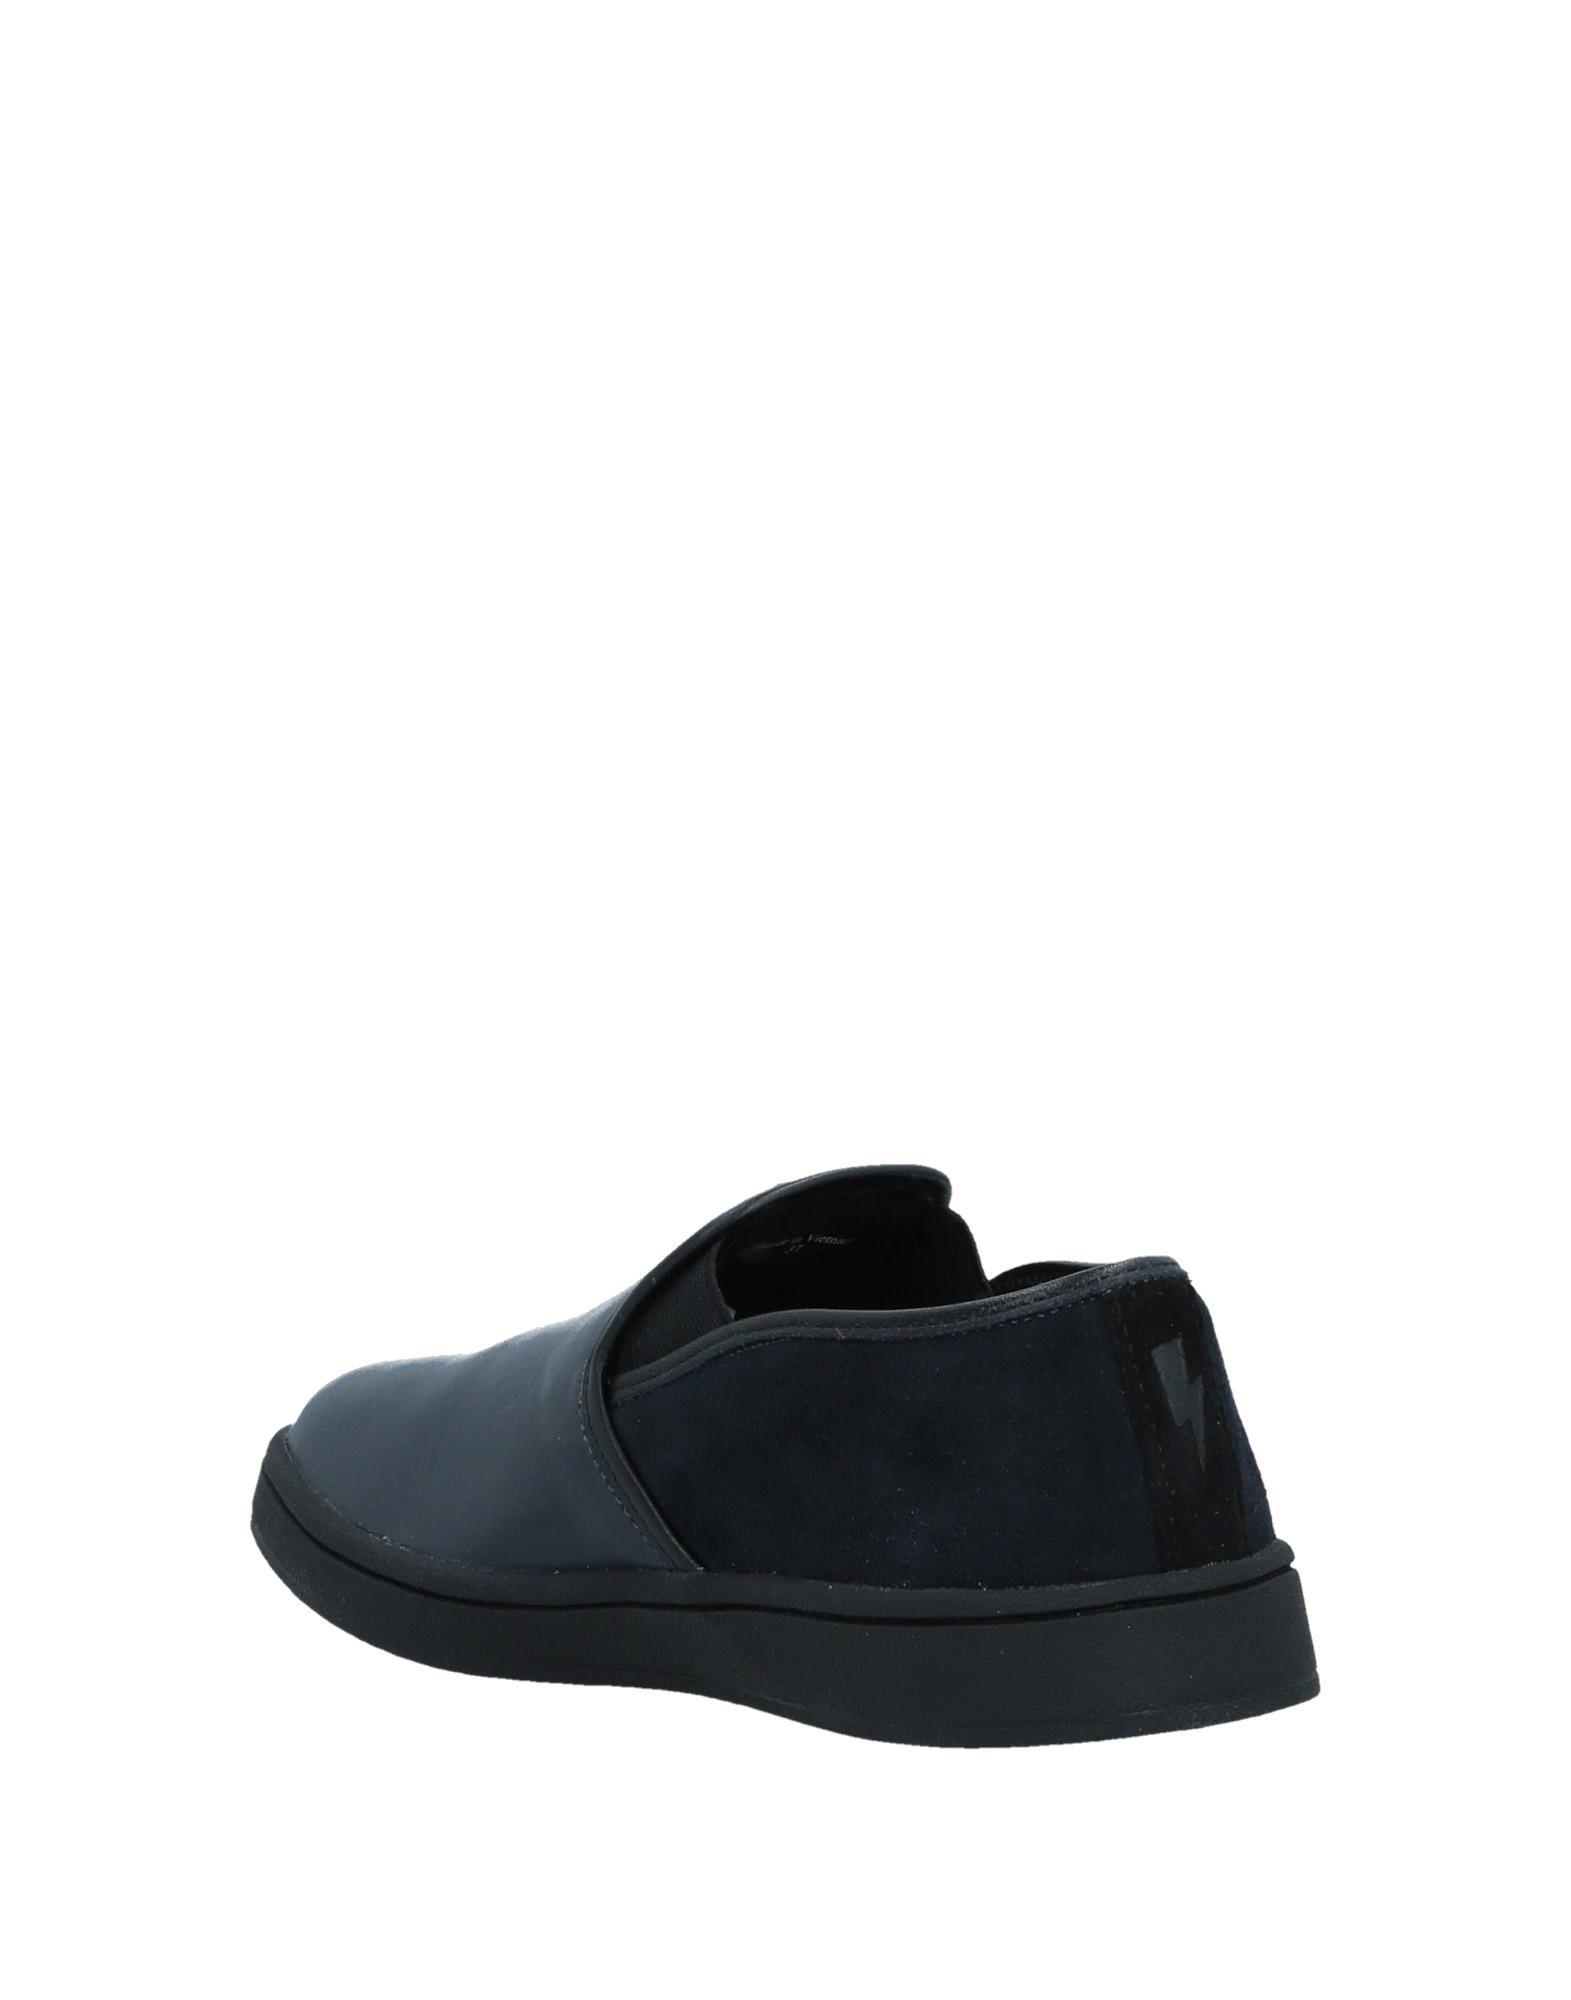 Neil Barrett Sneakers Damen sich Gutes Preis-Leistungs-Verhältnis, es lohnt sich Damen 2896 25c44b